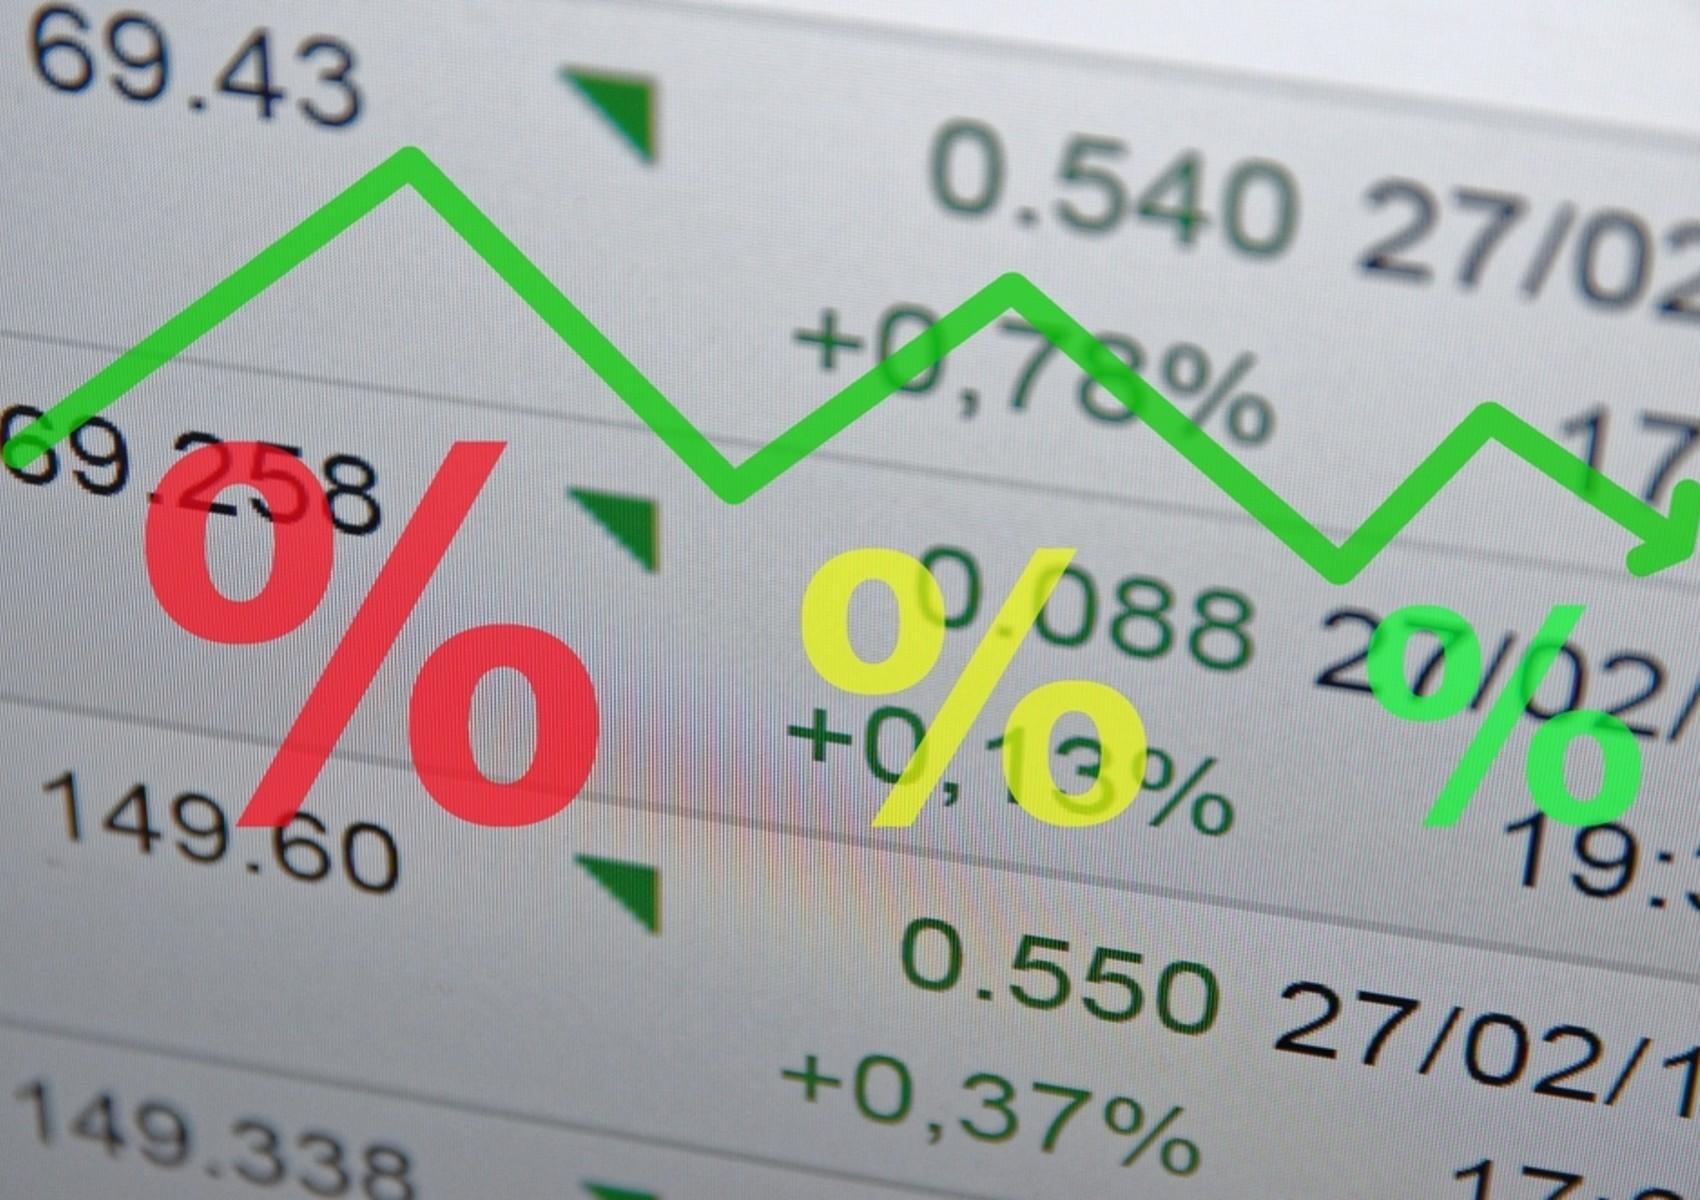 Tasso negativo prestiti: definizione e aggiornamenti a fine 2019